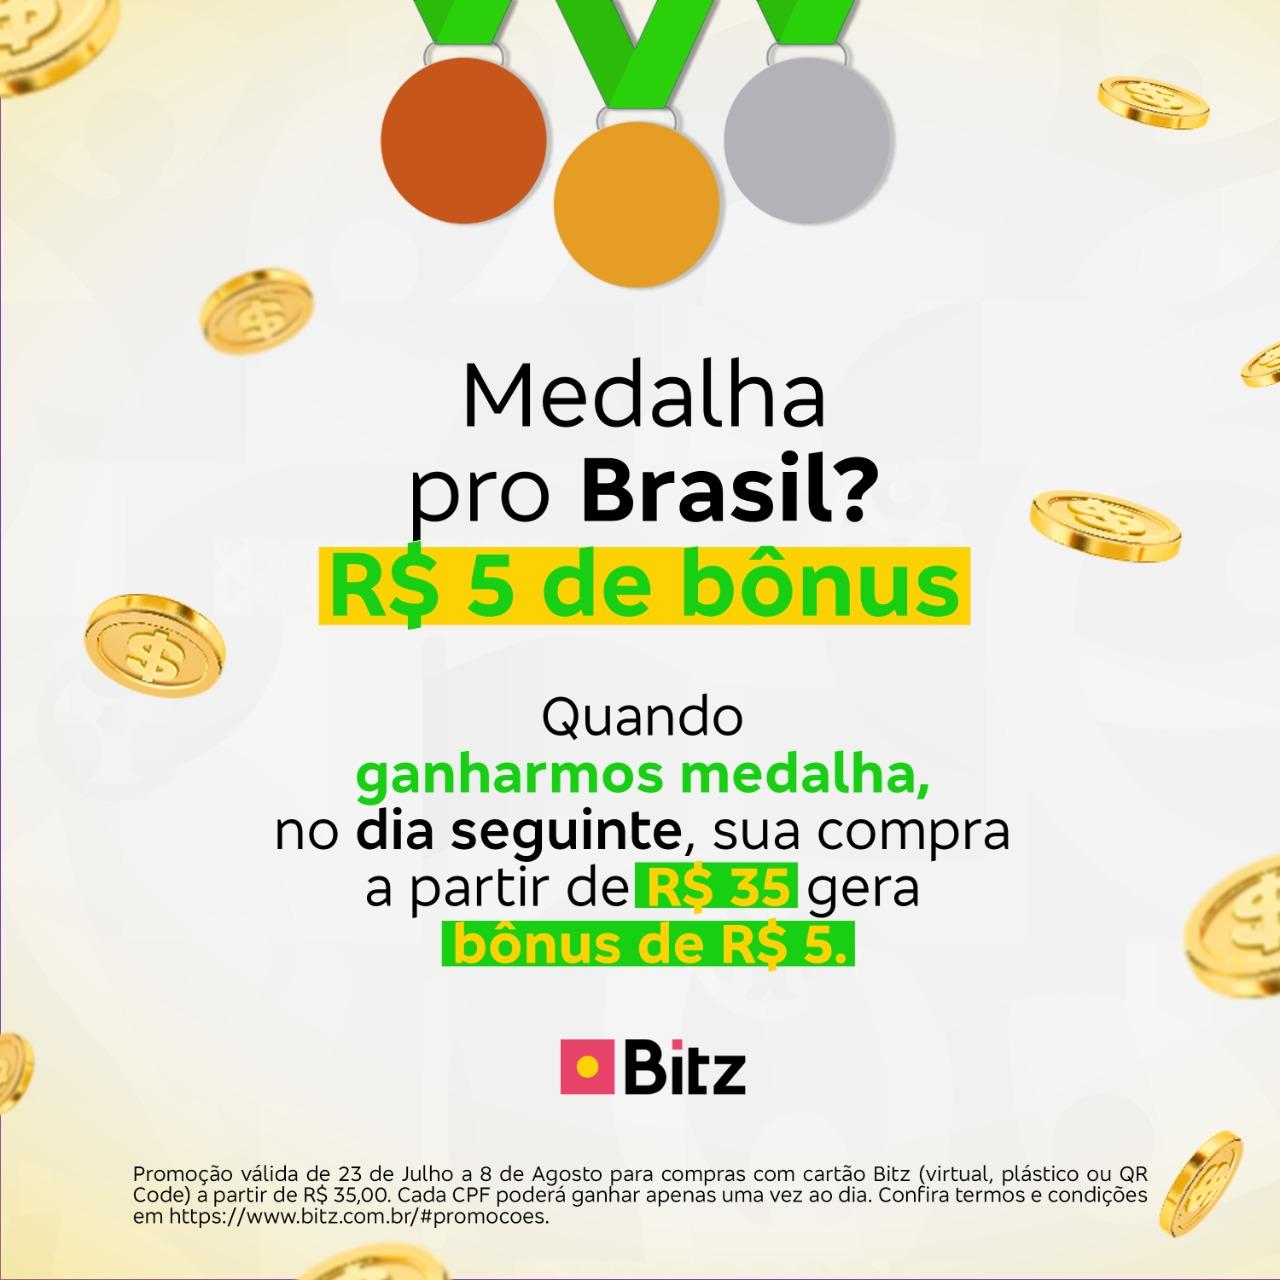 IMG-Olimp [ALERTA CASHBACK] Bitz dará R$ 5 de bônus nos dias que o Brasil ganhar medalhas em Tóquio